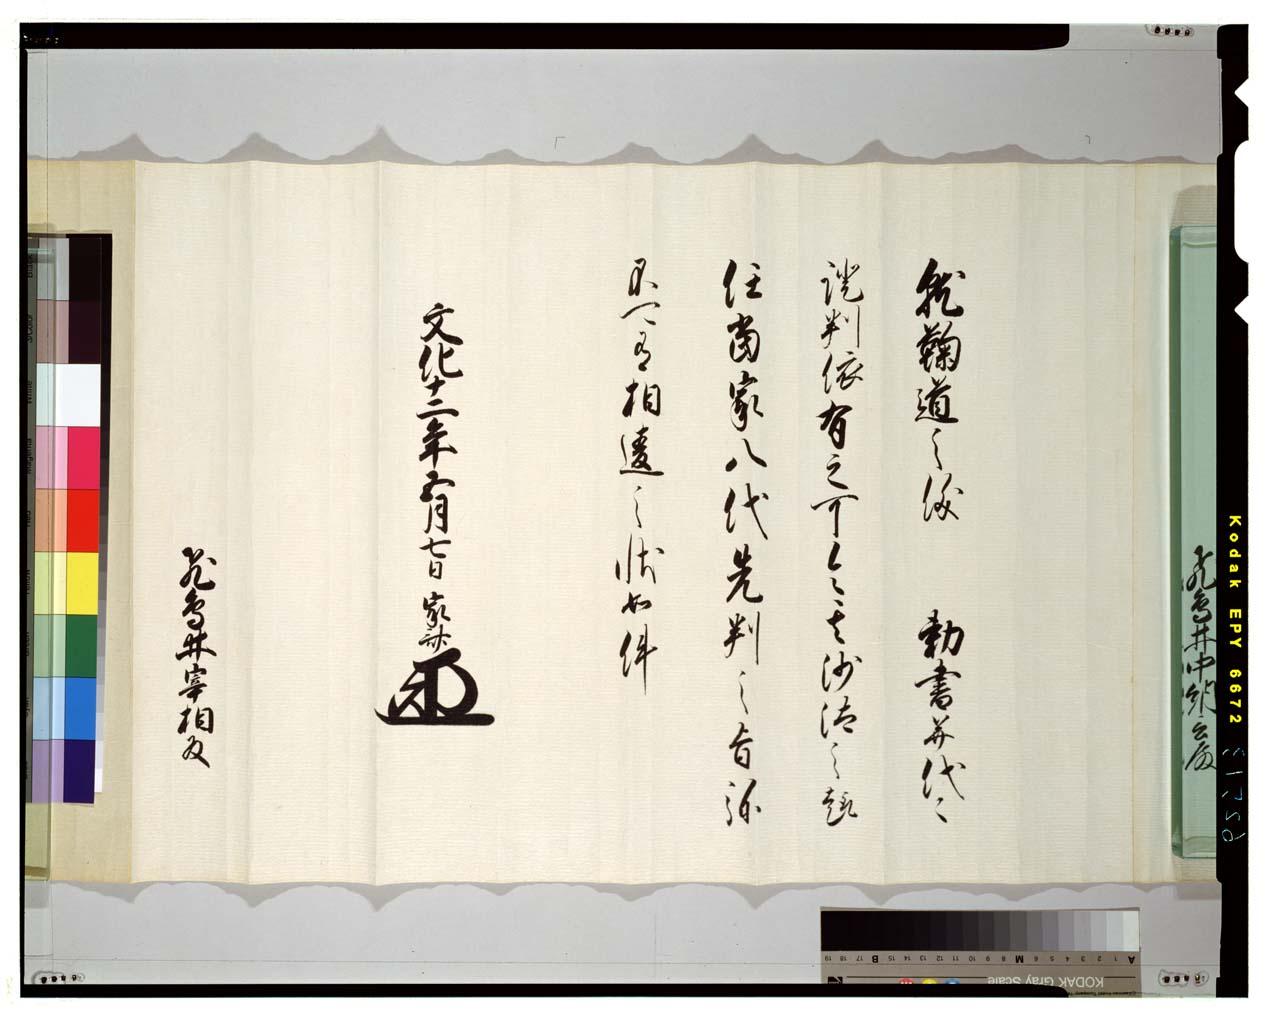 C0062513 飛鳥井家蹴鞠免許状 - 東京国立博物館 画像検索